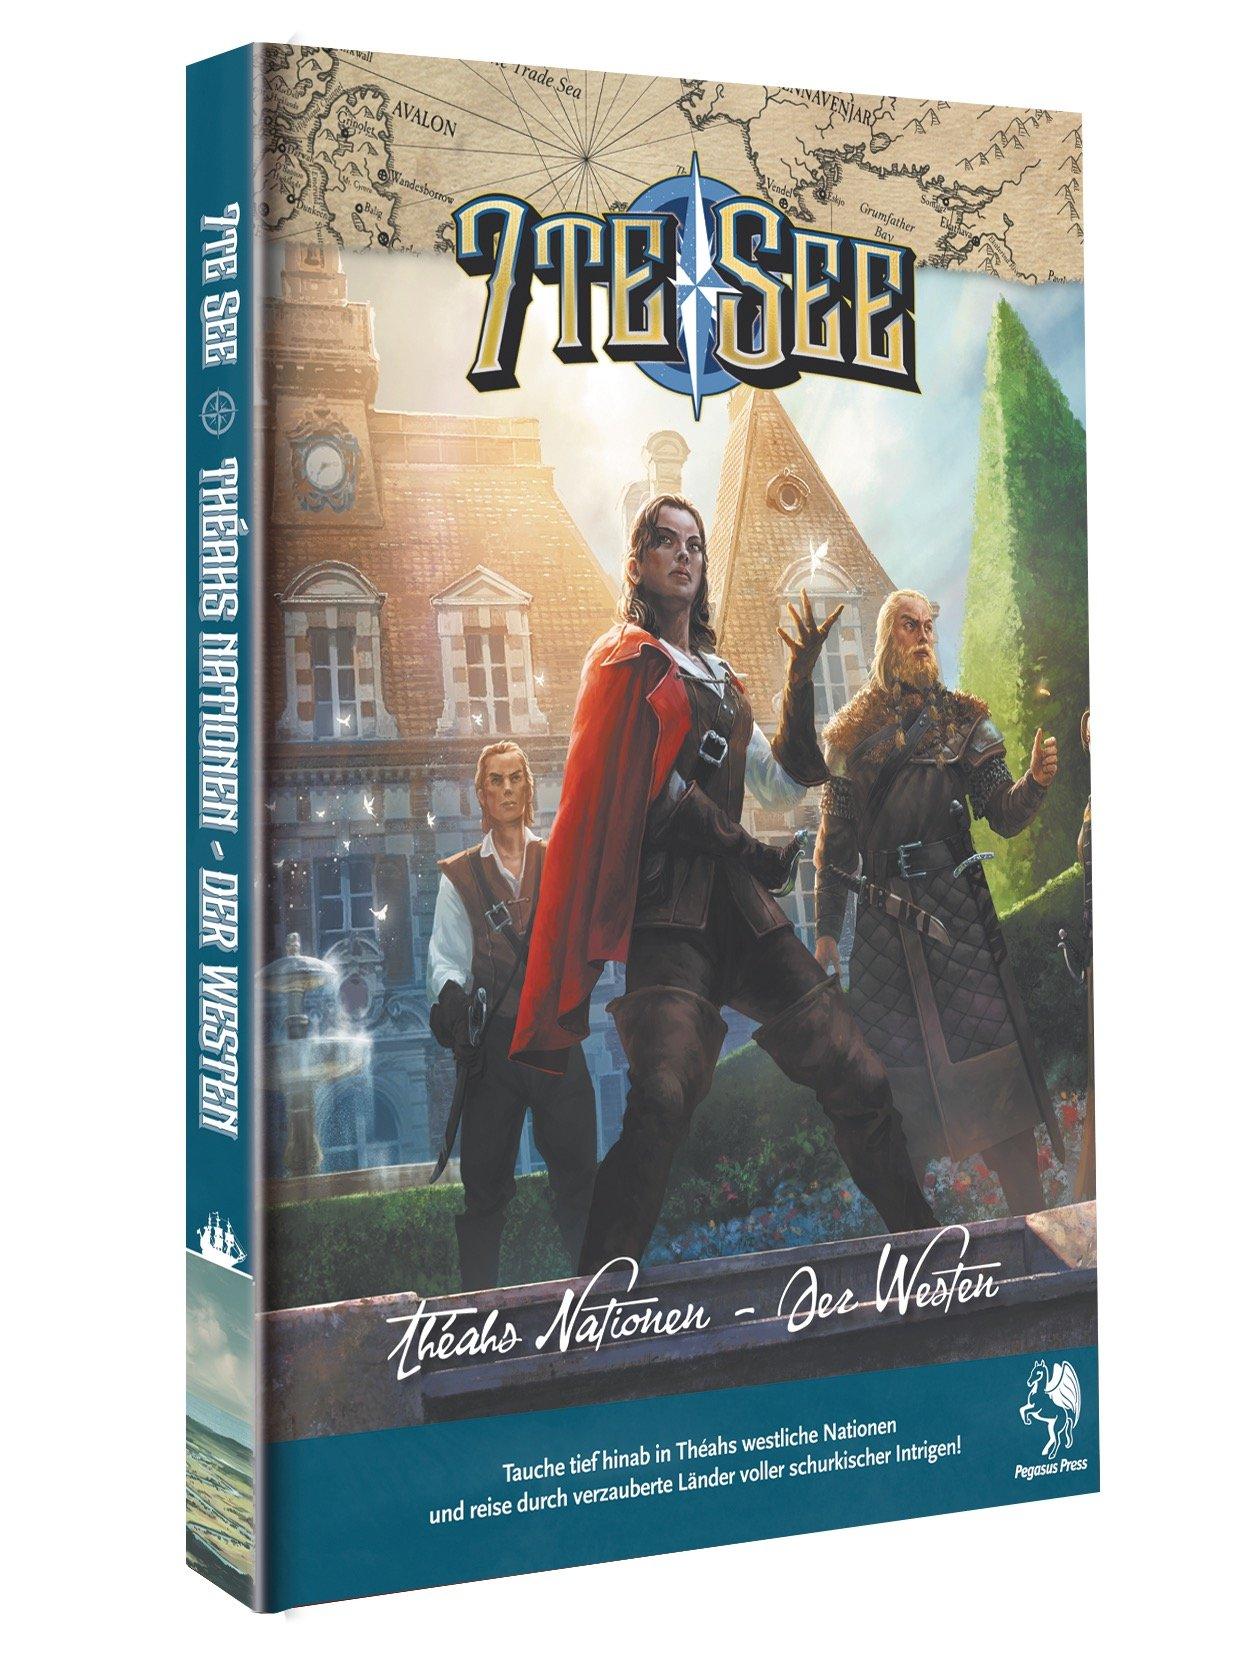 7te See Nationen von Théah Band 1 (Hardcover)